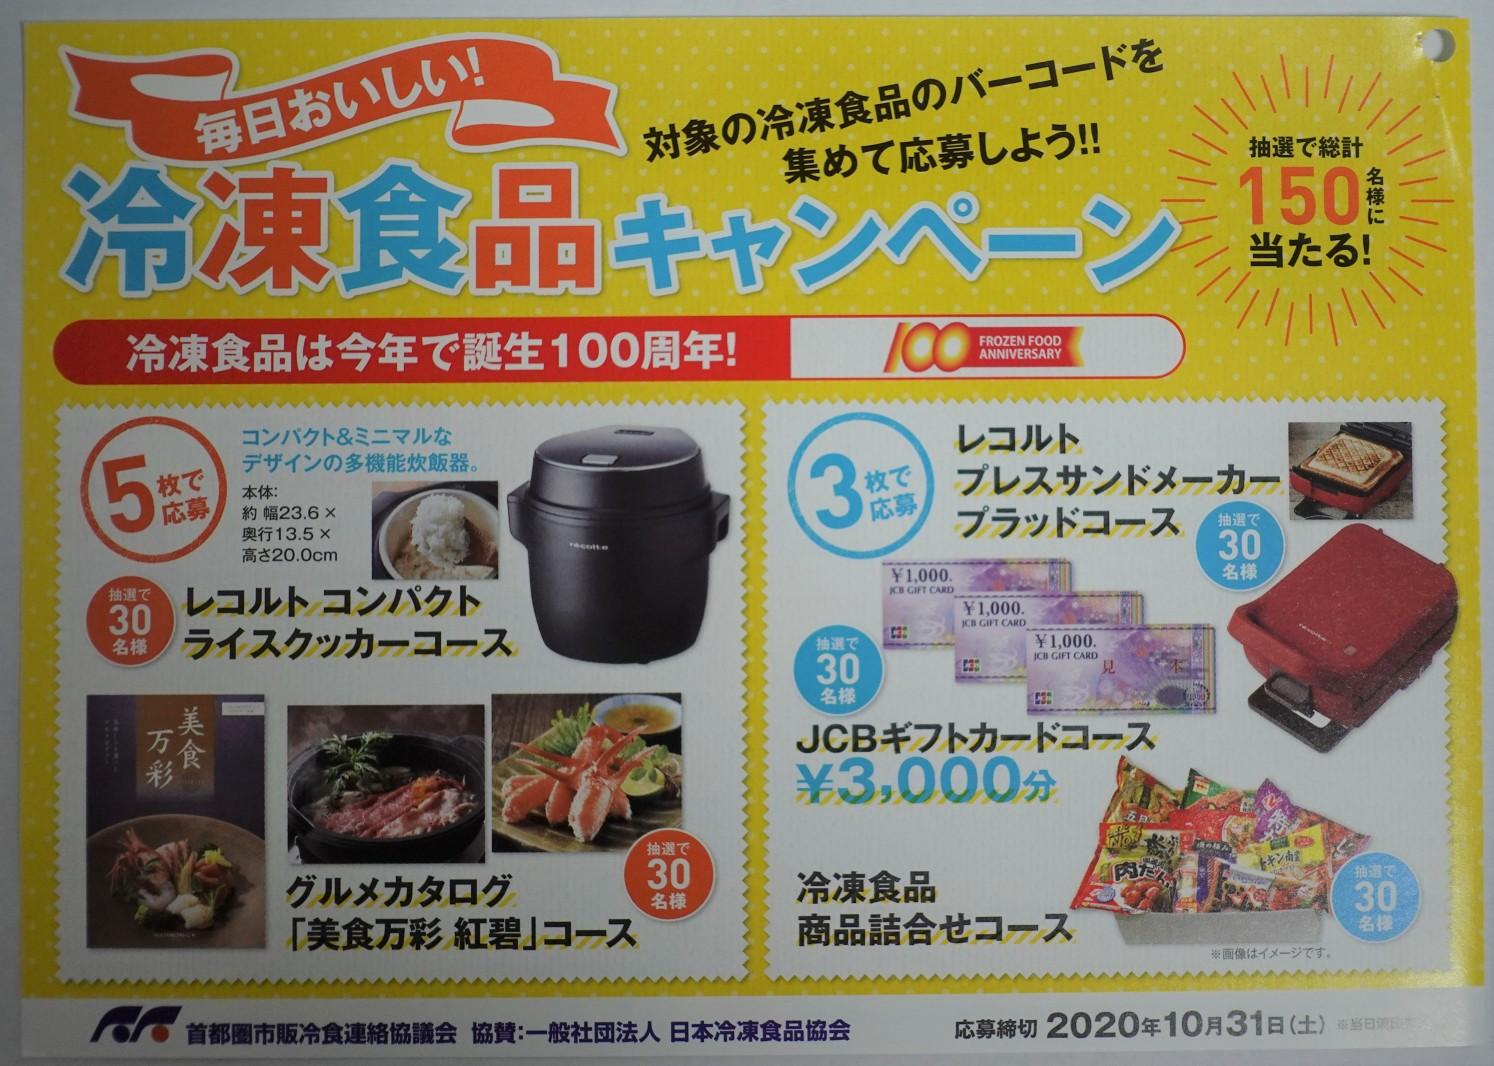 お待たせの首都圏(1都6県)恒例 市冷協「毎日おいしい!冷凍食品キャンペーン」 今年は10月『冷凍食品月間』に実施されることになりました